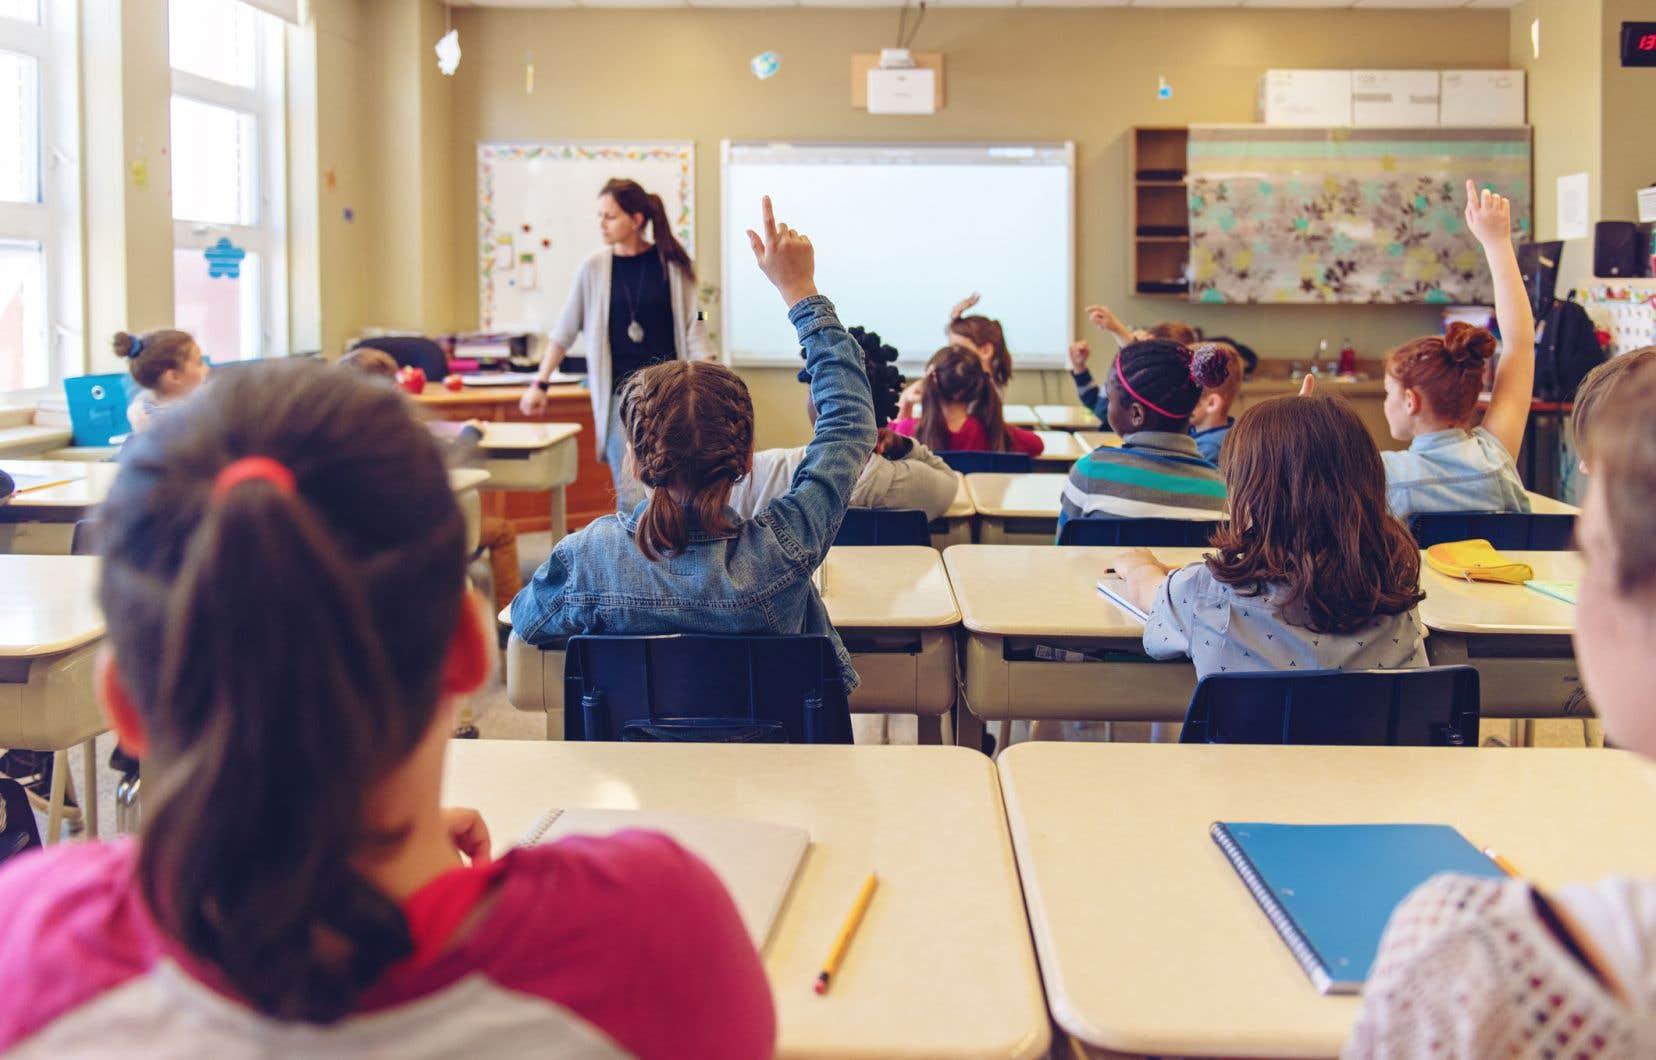 Les enfants pris en charge par les services sociaux sentent d'emblée qu'ils ne sont pas à leur place aux études, observe Jennifer Dupuis, présidente de l'organisme CARE.